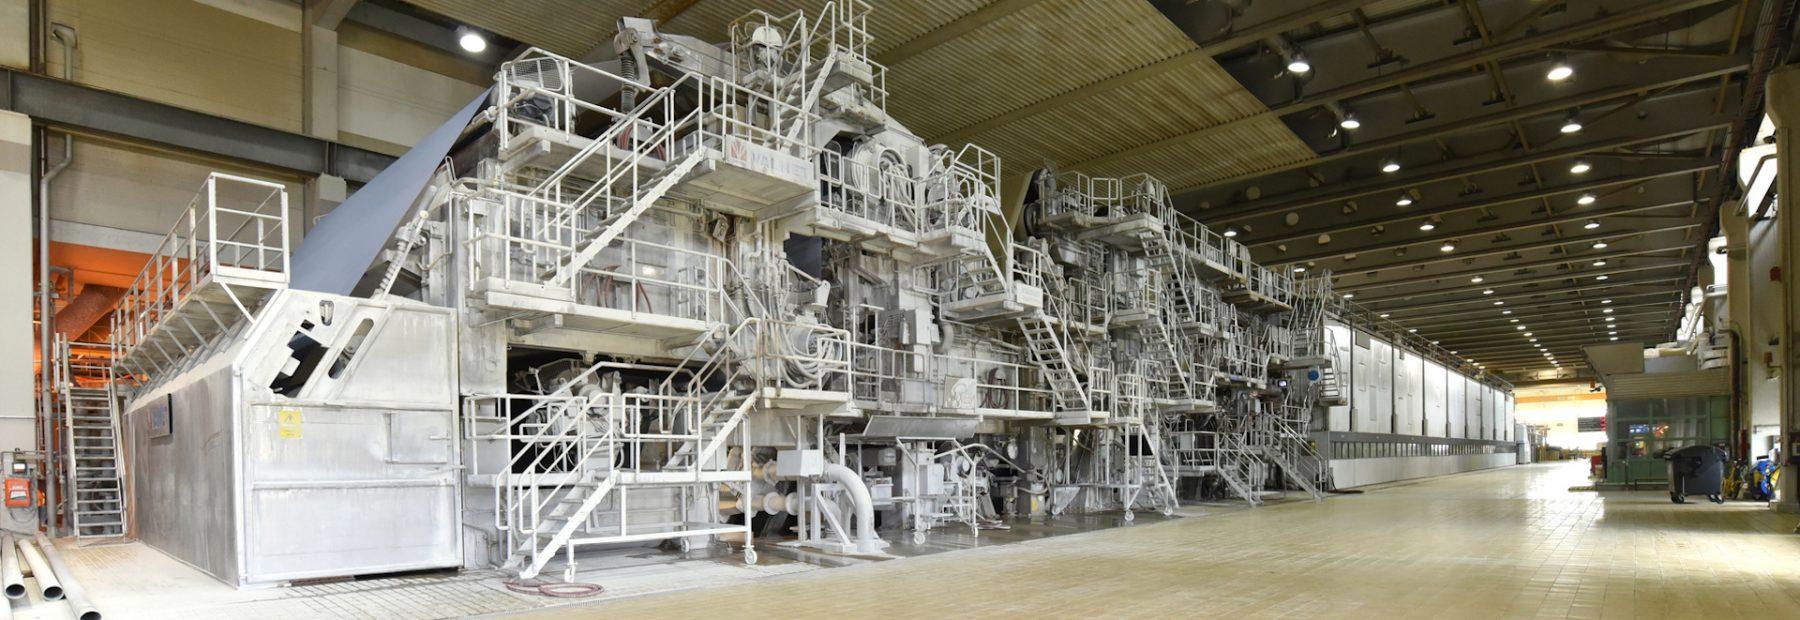 Unterschiedliche industrielle Anwendungen